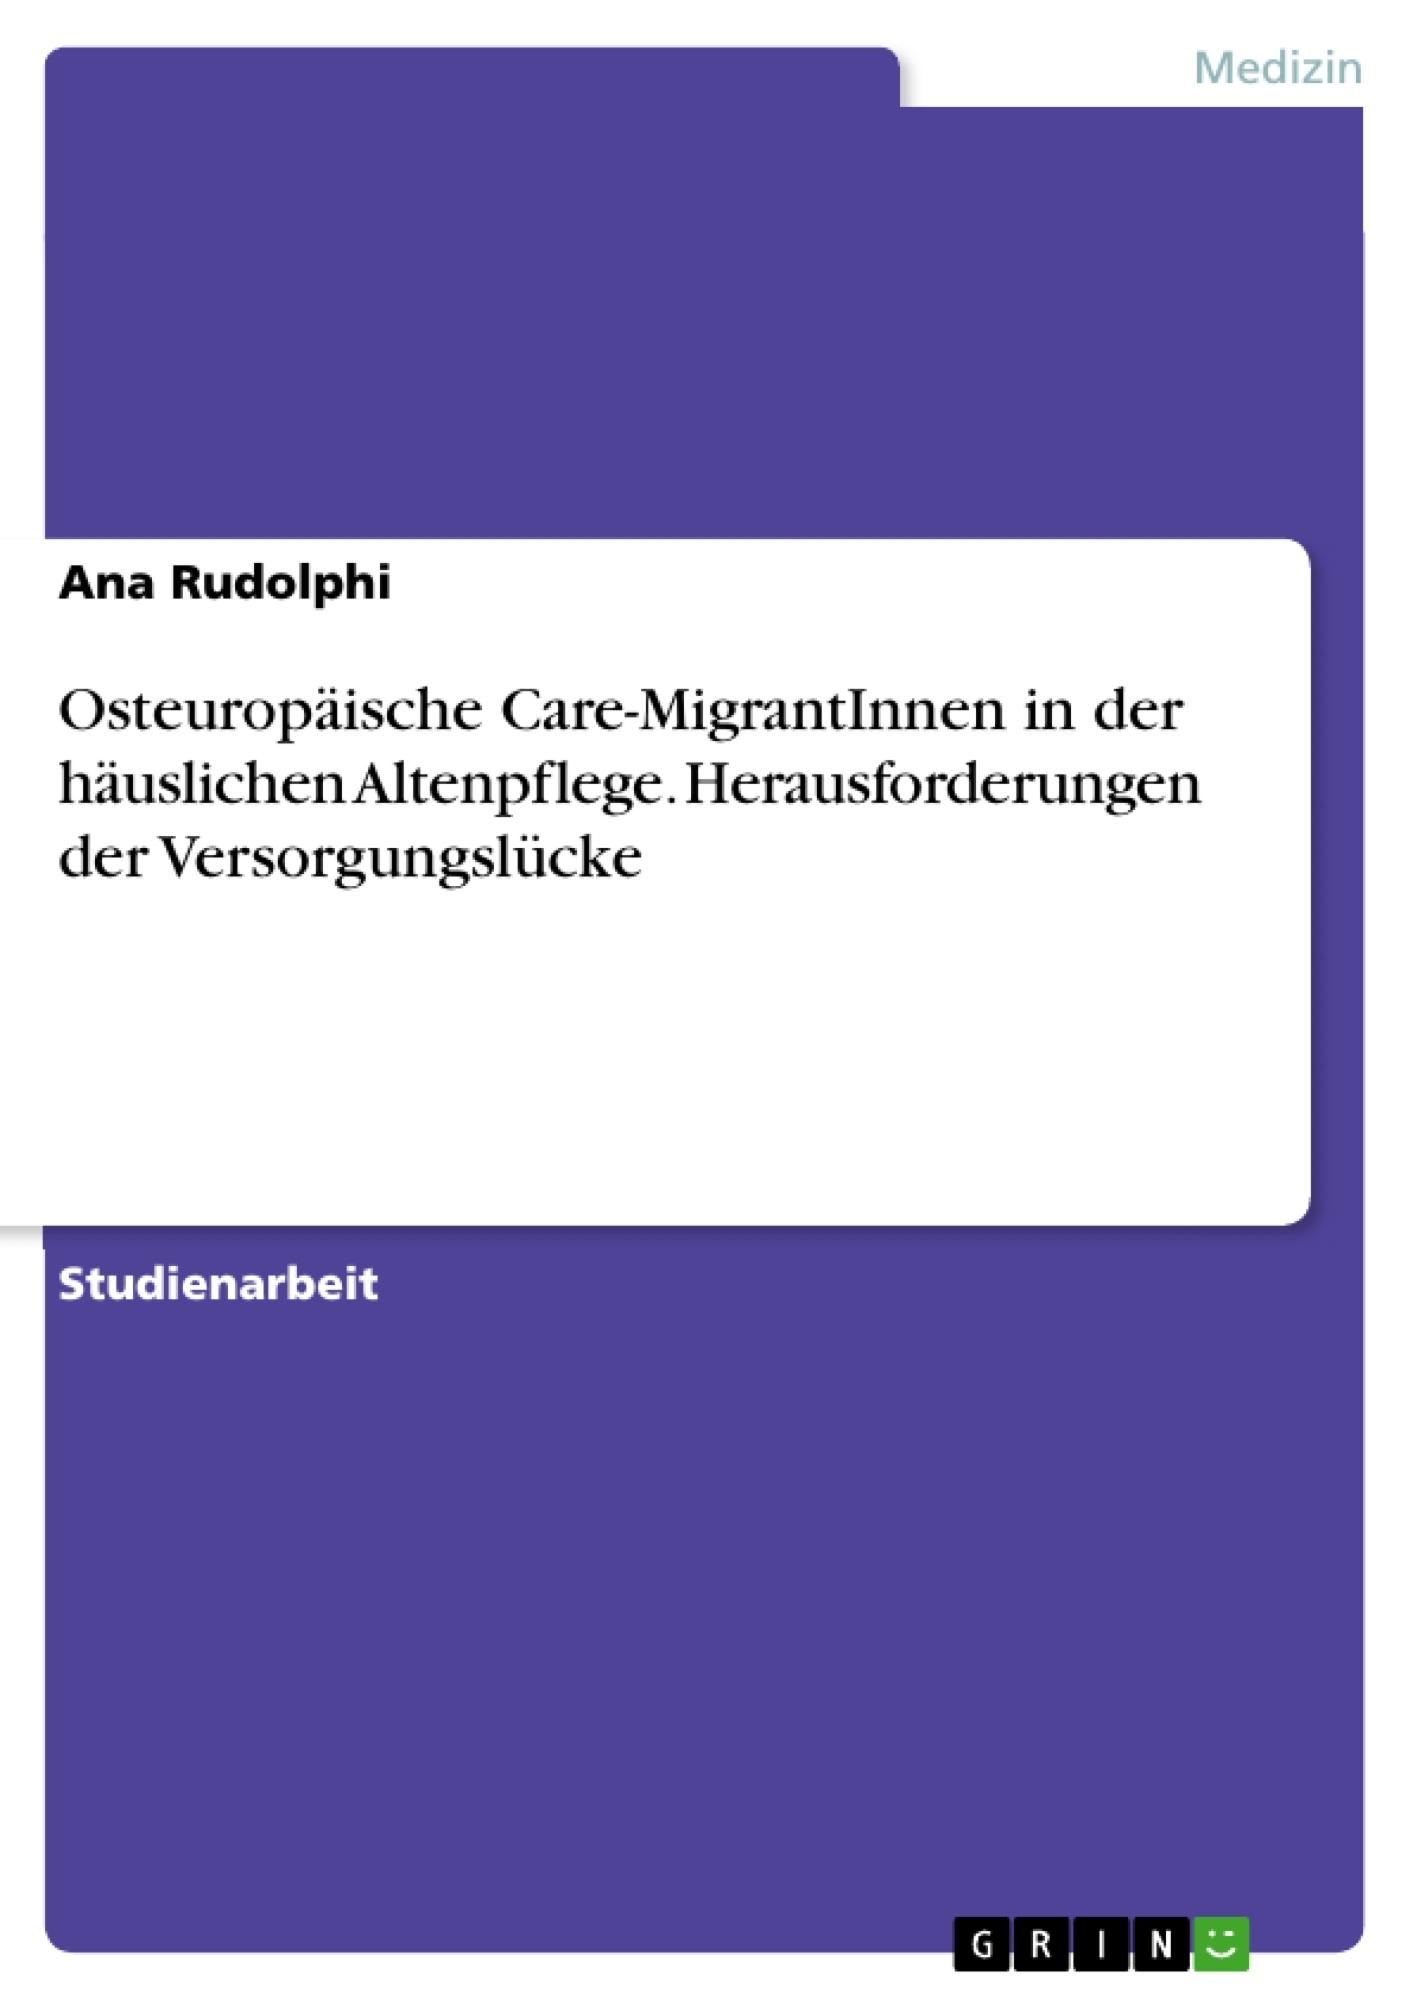 Titel: Osteuropäische Care-MigrantInnen in der häuslichen Altenpflege. Herausforderungen der Versorgungslücke